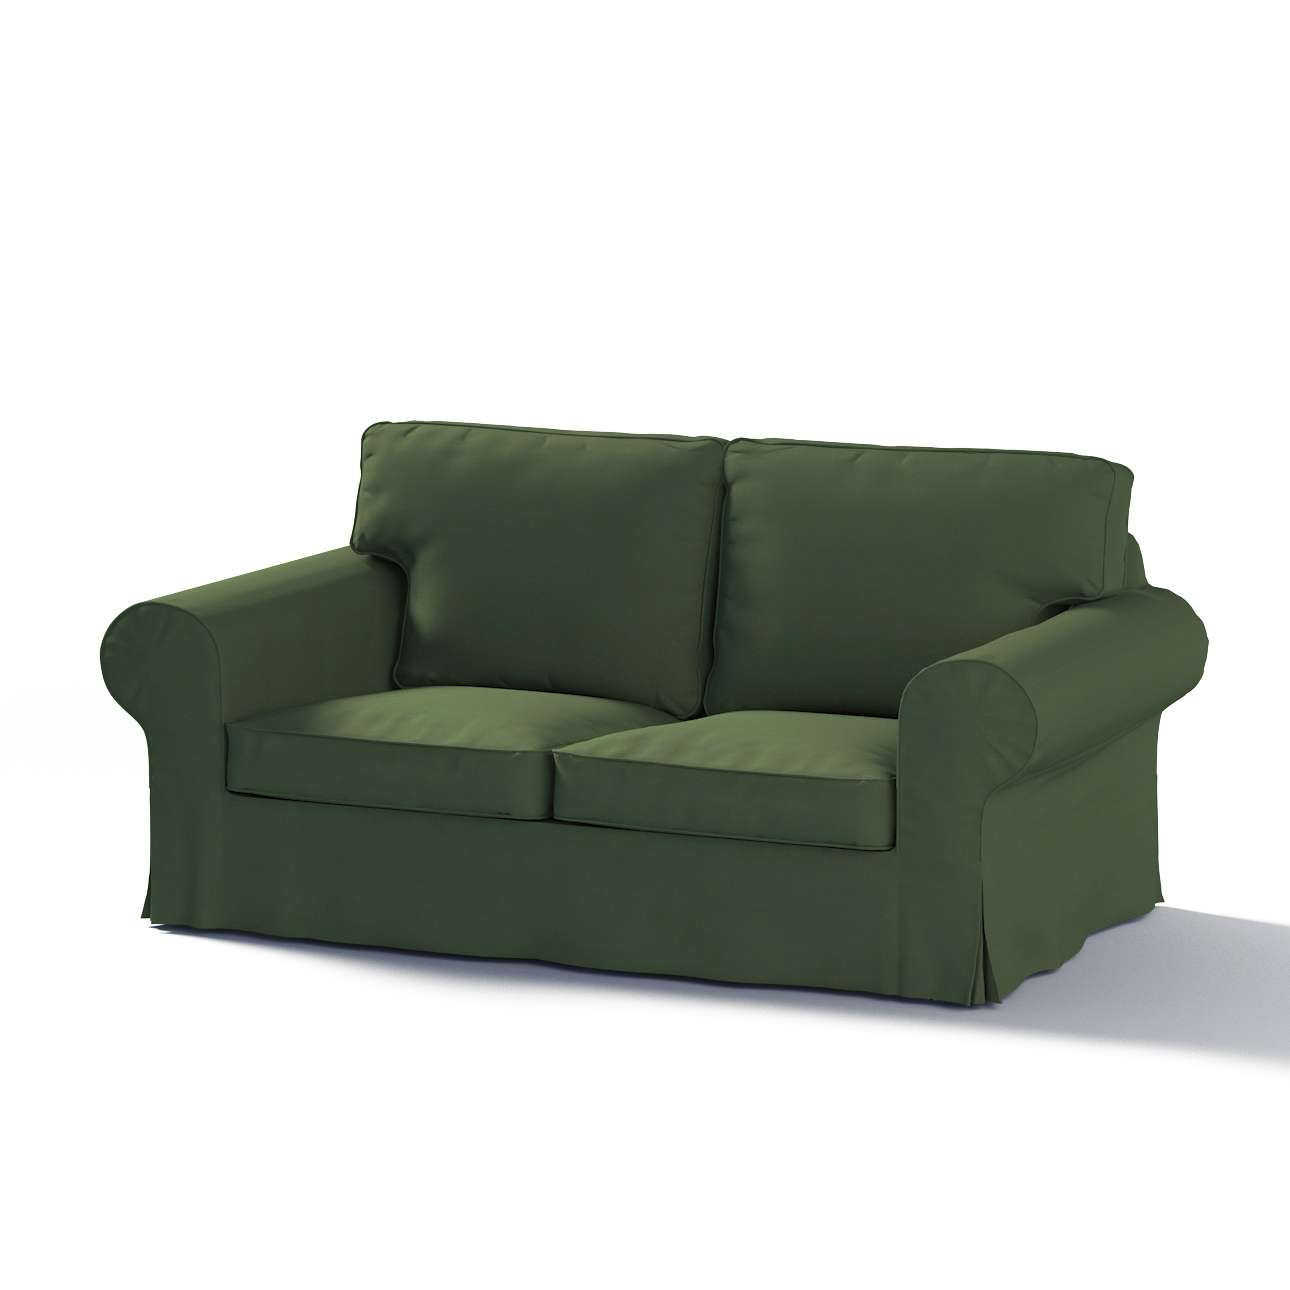 Bezug für Ektorp 2-Sitzer Sofa nicht ausklappbar von der Kollektion Cotton Panama, Stoff: 702-06